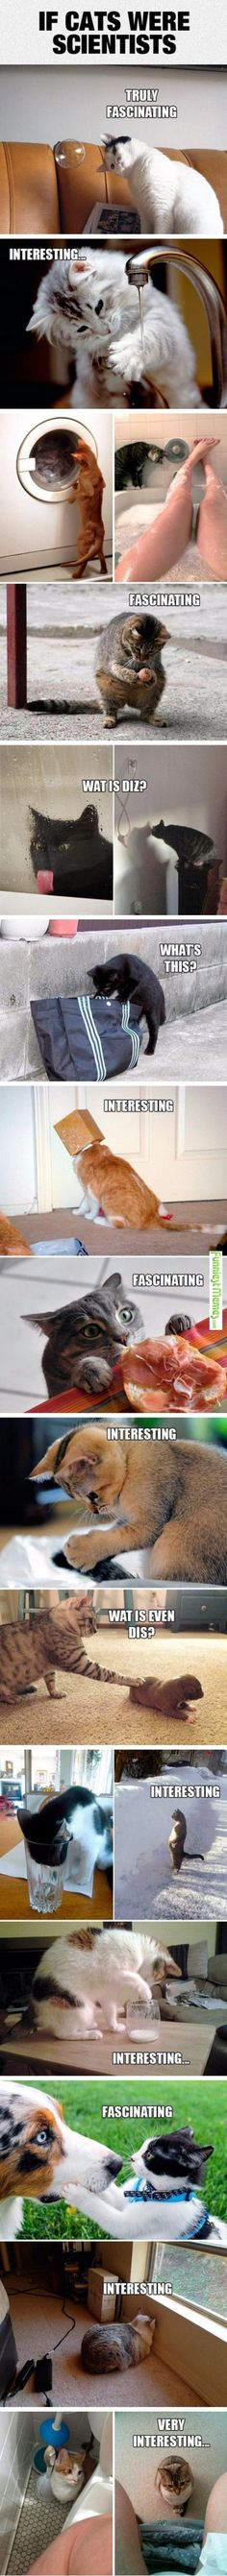 cat as scientist